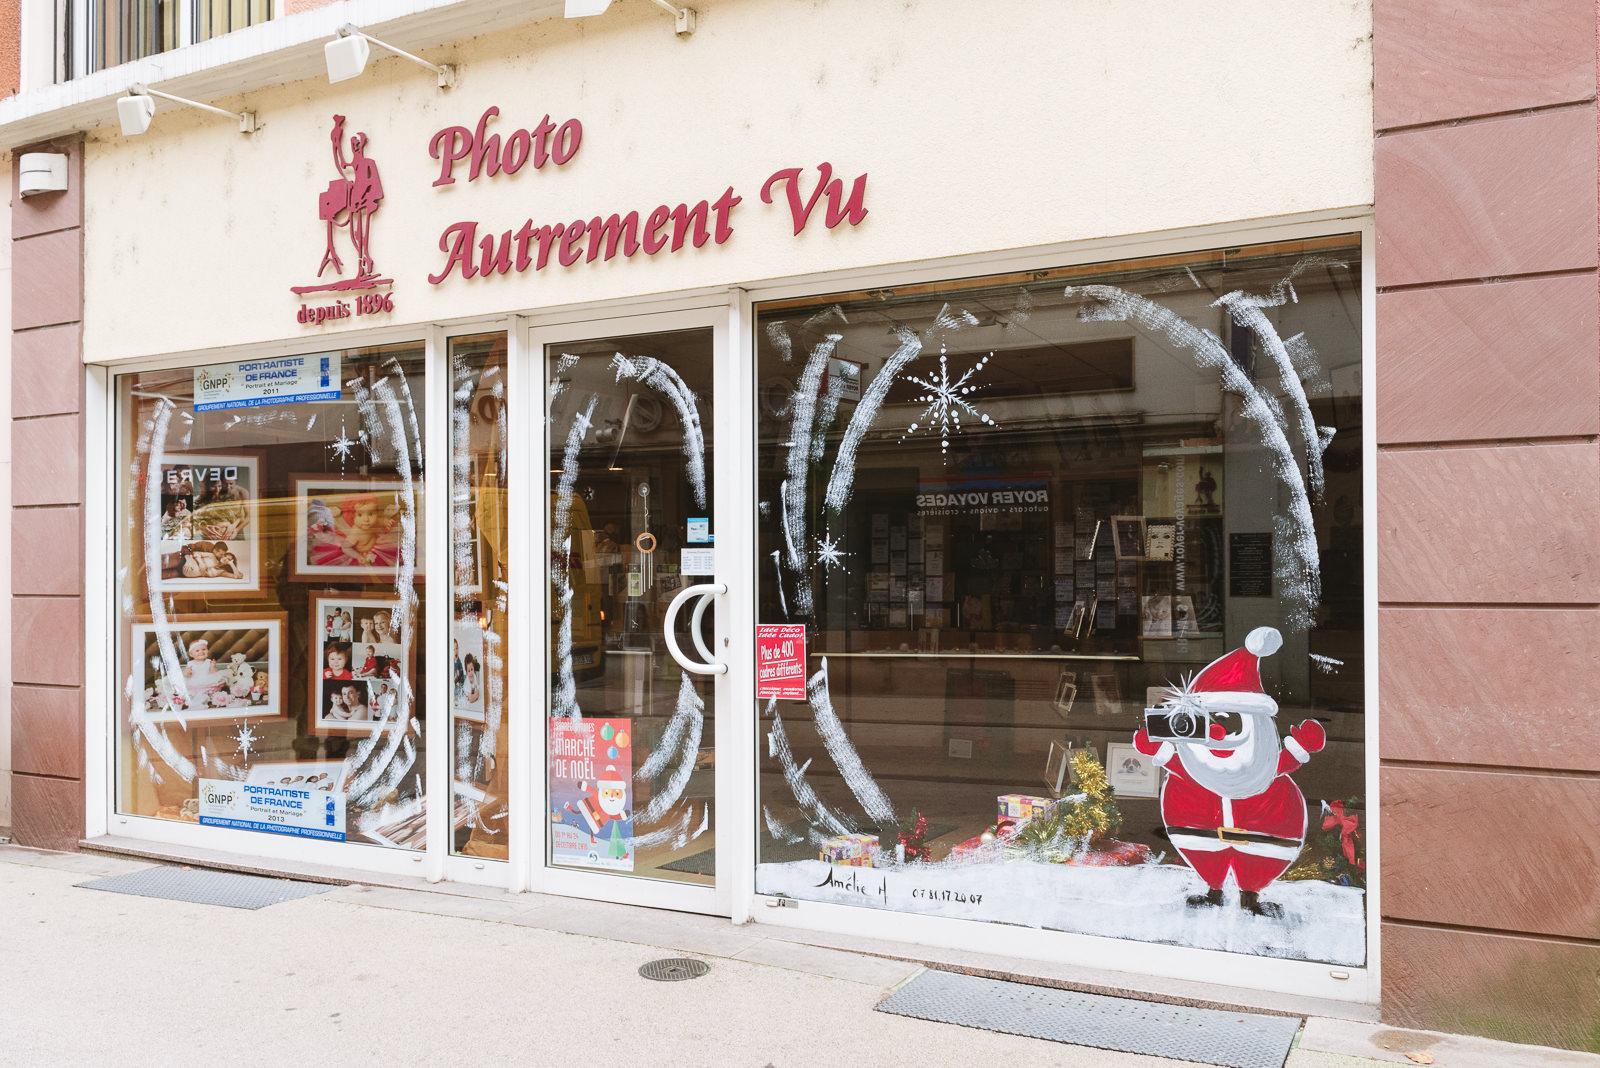 Peinture sur vitrine magasin Autrement Vu à Sarreguemines